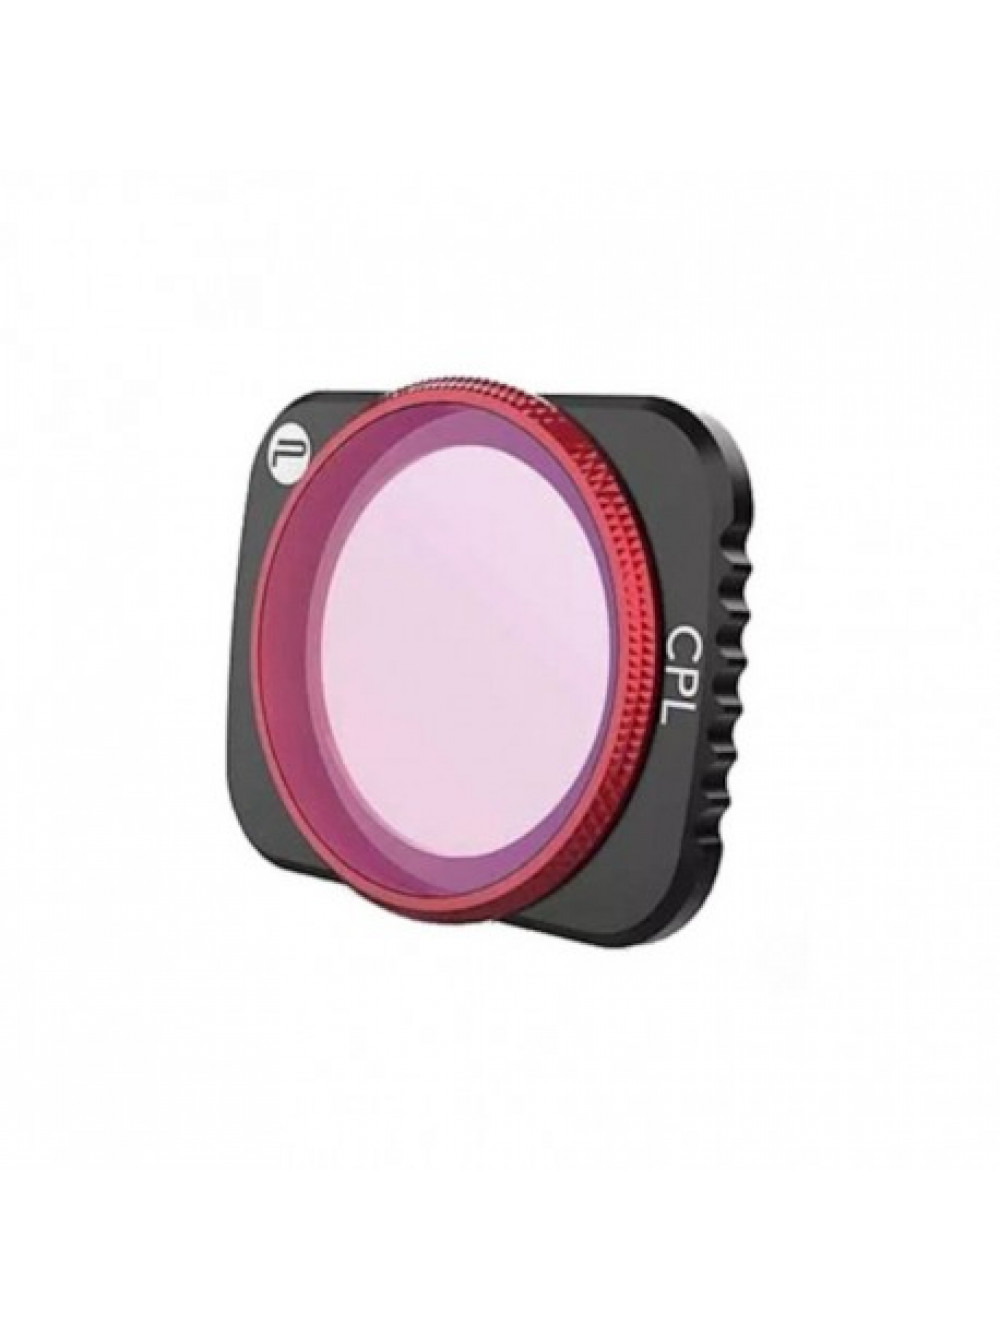 Поляризационный фильтр для DJI Mavic Air 2 PGY p-16a-033